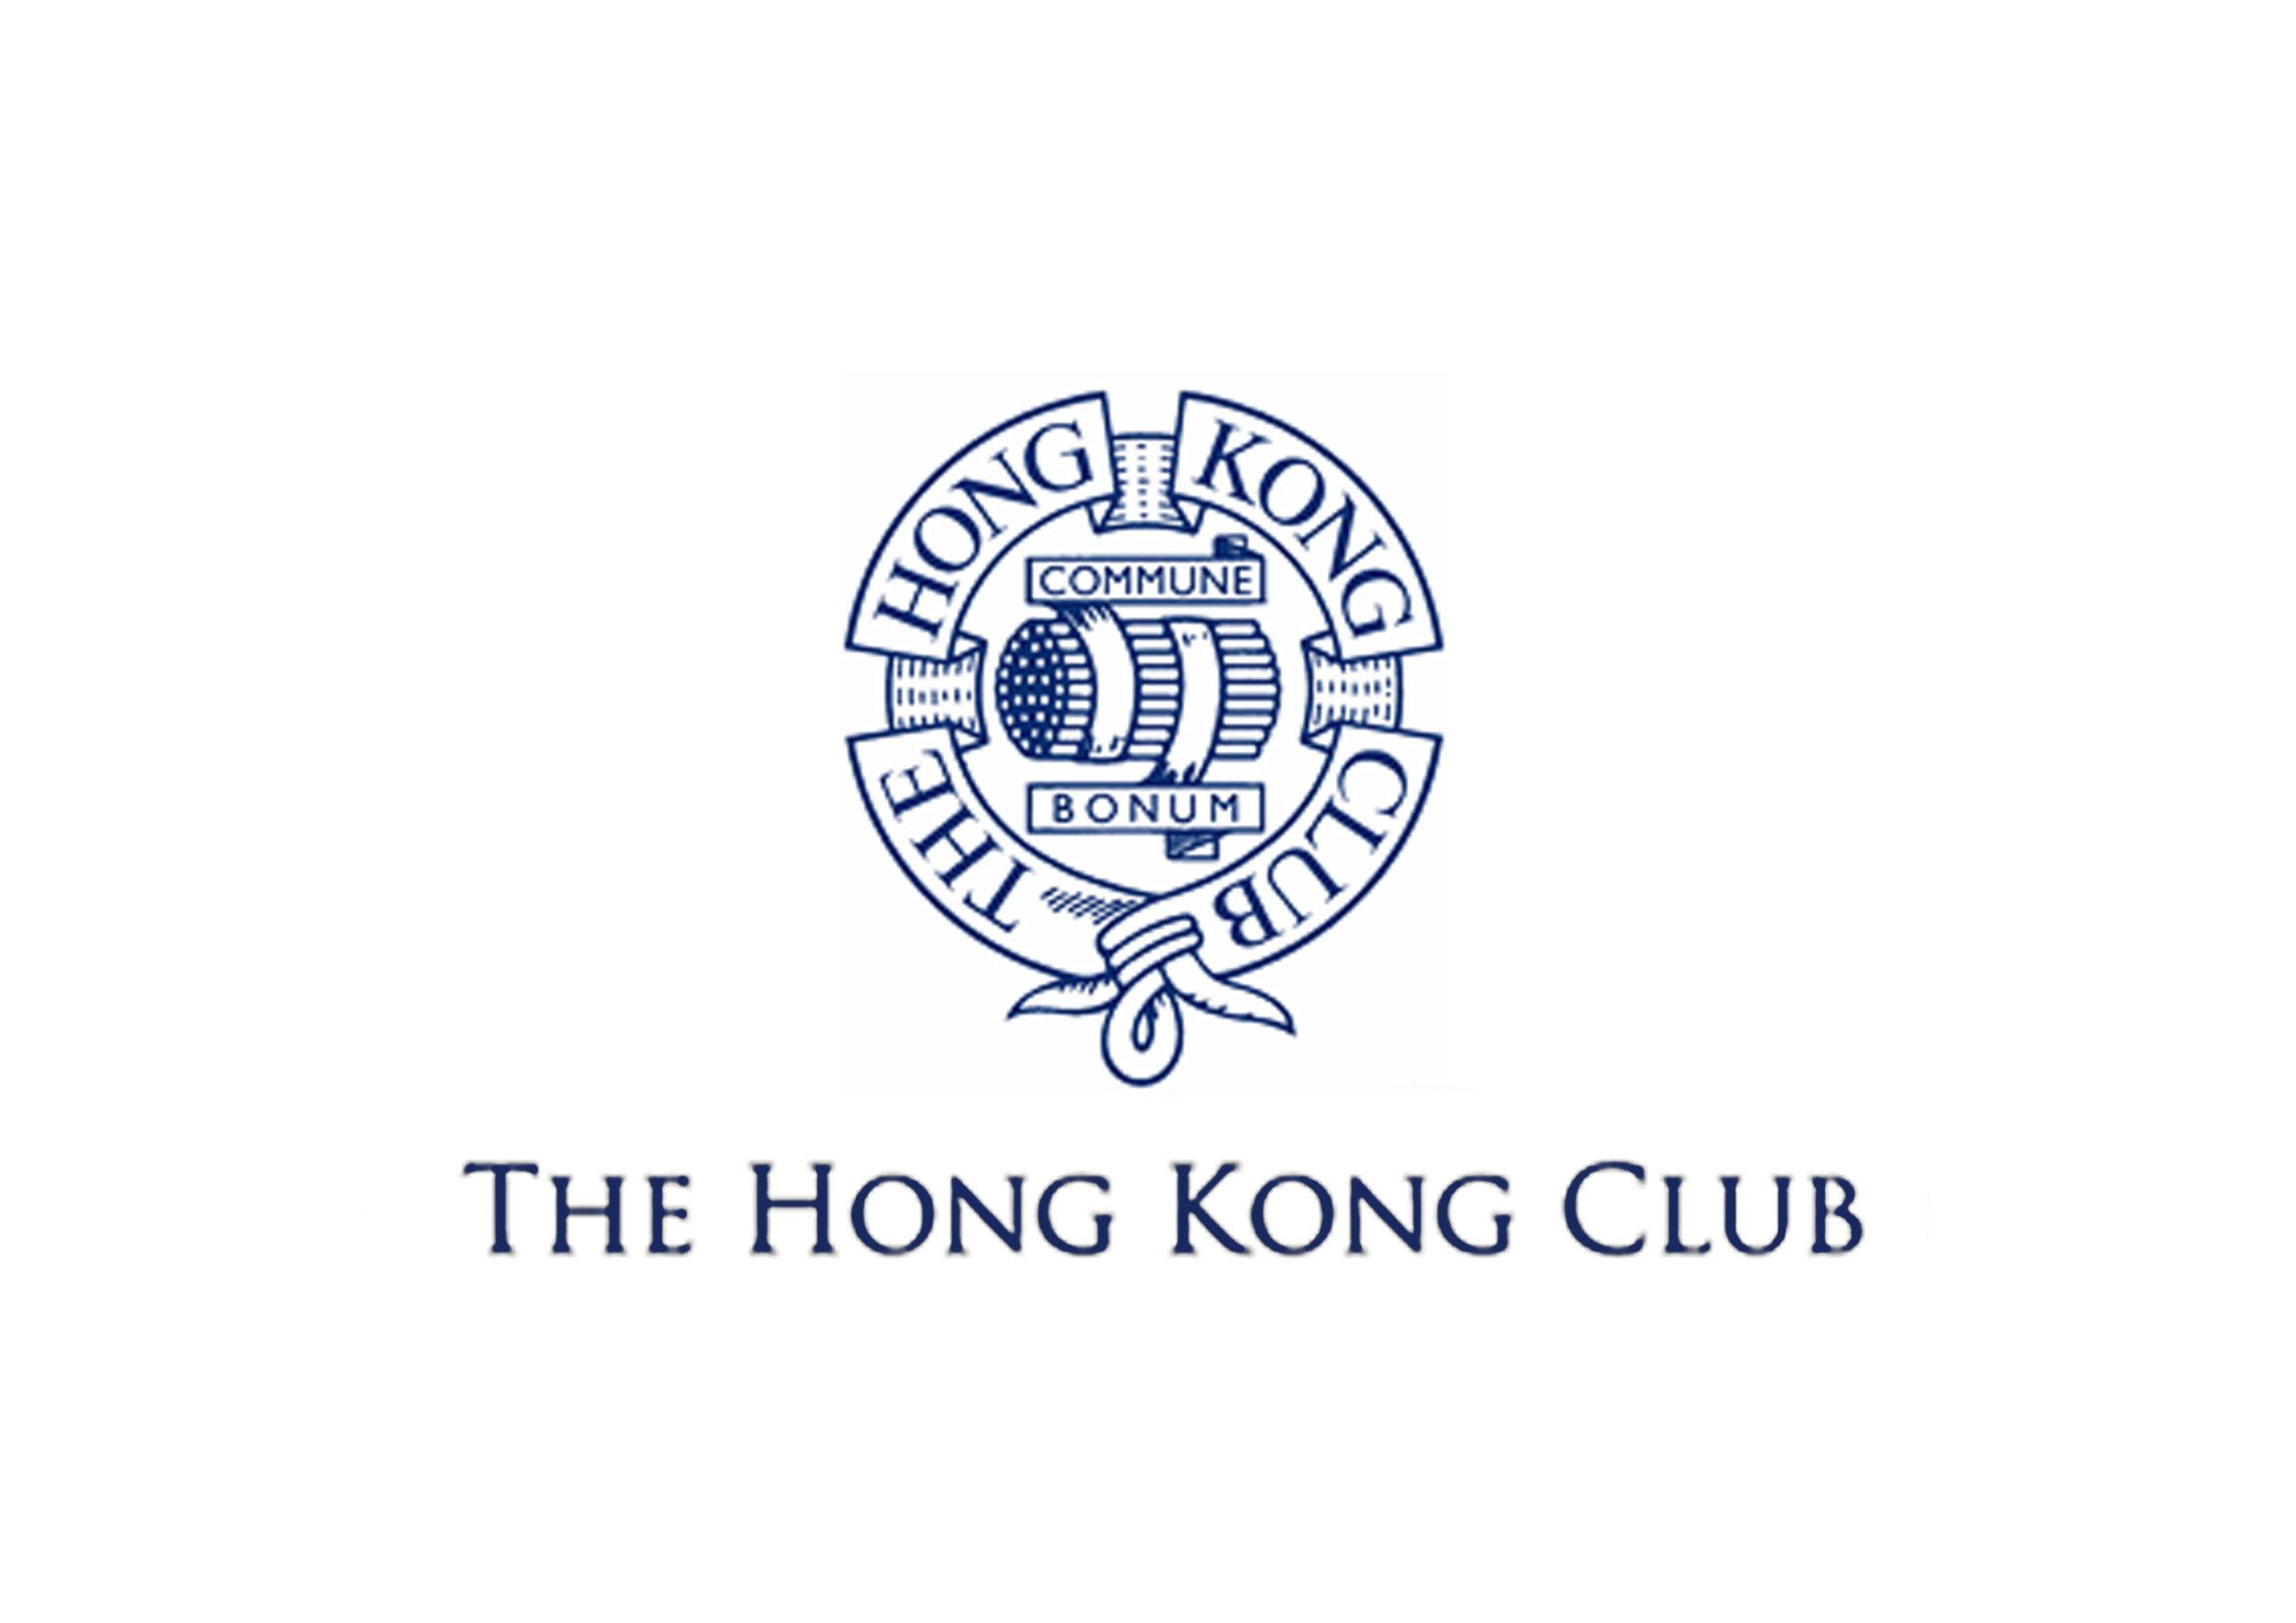 Hong Kong club.jpg